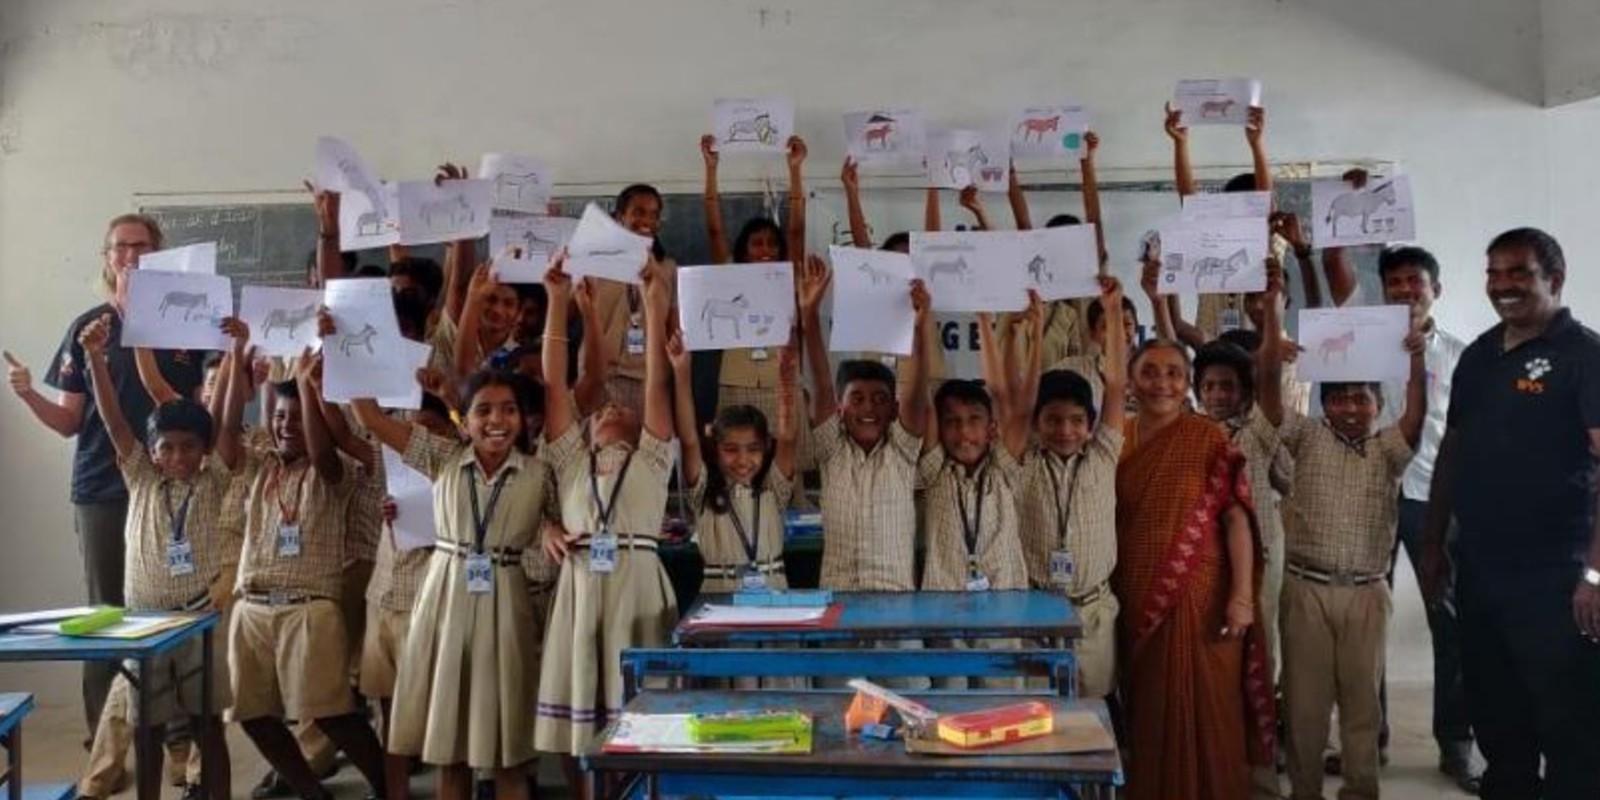 Lastesel in Indien